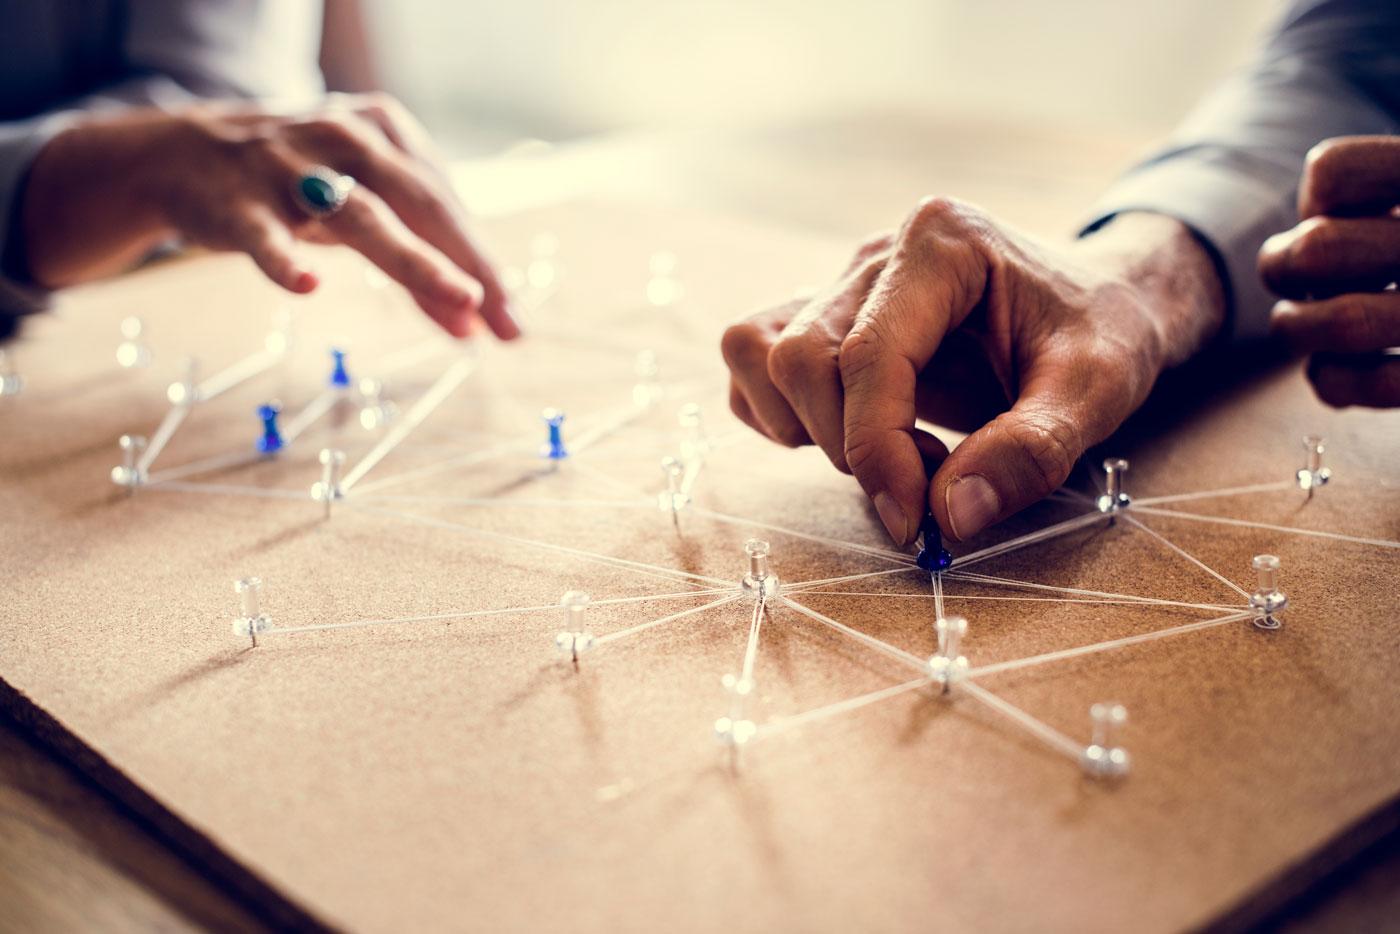 B. Managementul tranziției în carieră în interiorul organizației tale